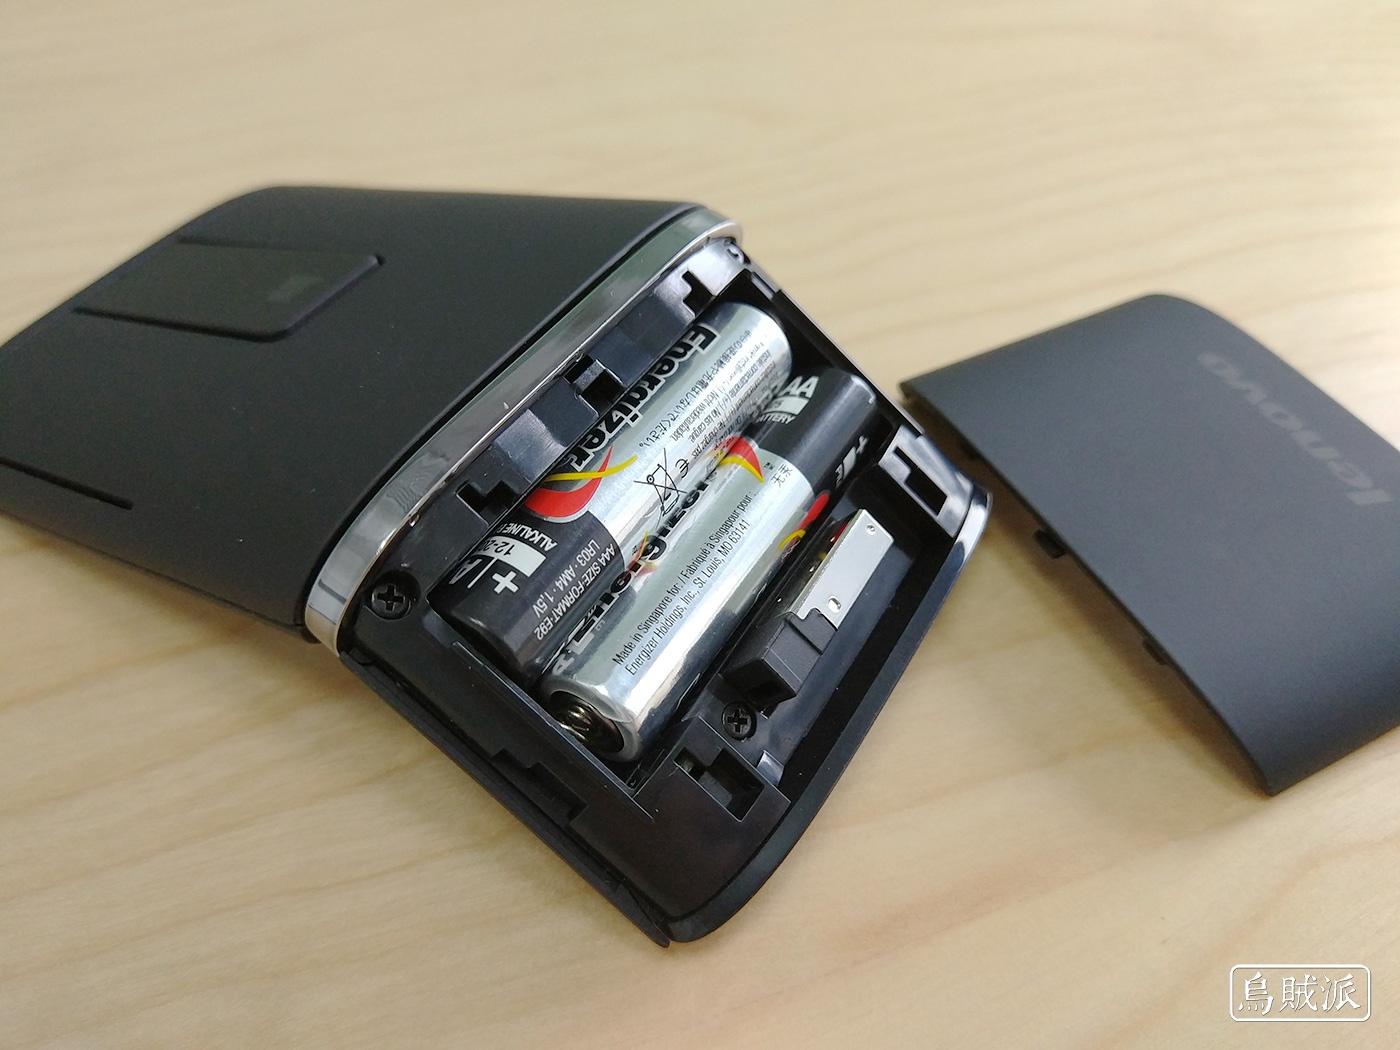 联想 N700 的电池仓